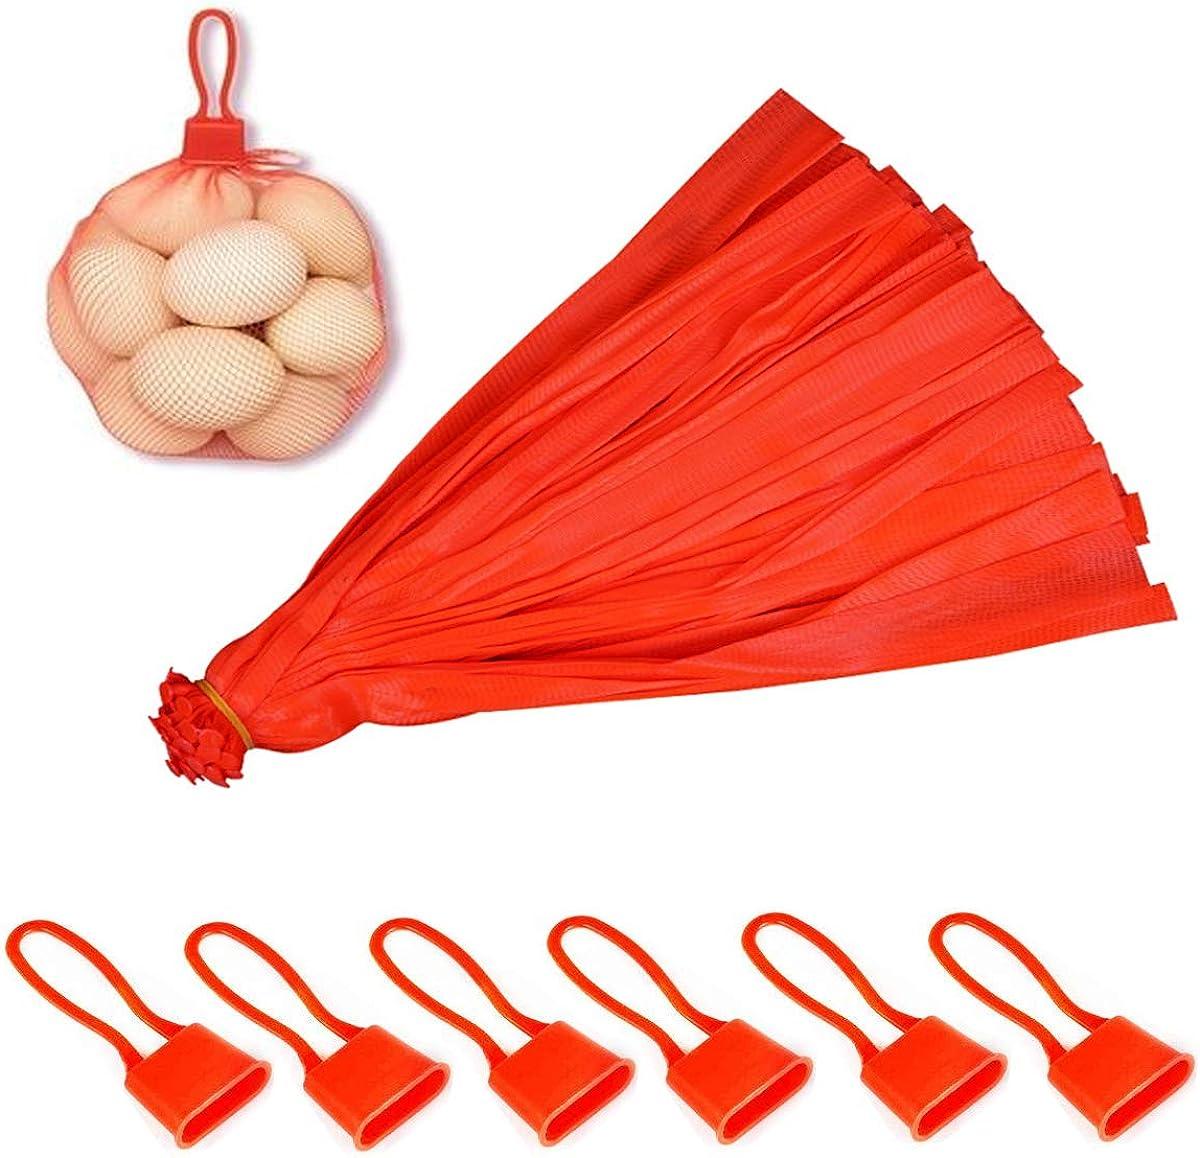 Naturezhen 200 Piezas Bolsa De Productos De Malla, Bolsa De Malla De Nylon Reutilizable, Con Hebilla De Red, Malla Para Frutas, Mariscos, Verduras Productos Agrícolas (15.8 Pulgadas Rojo)